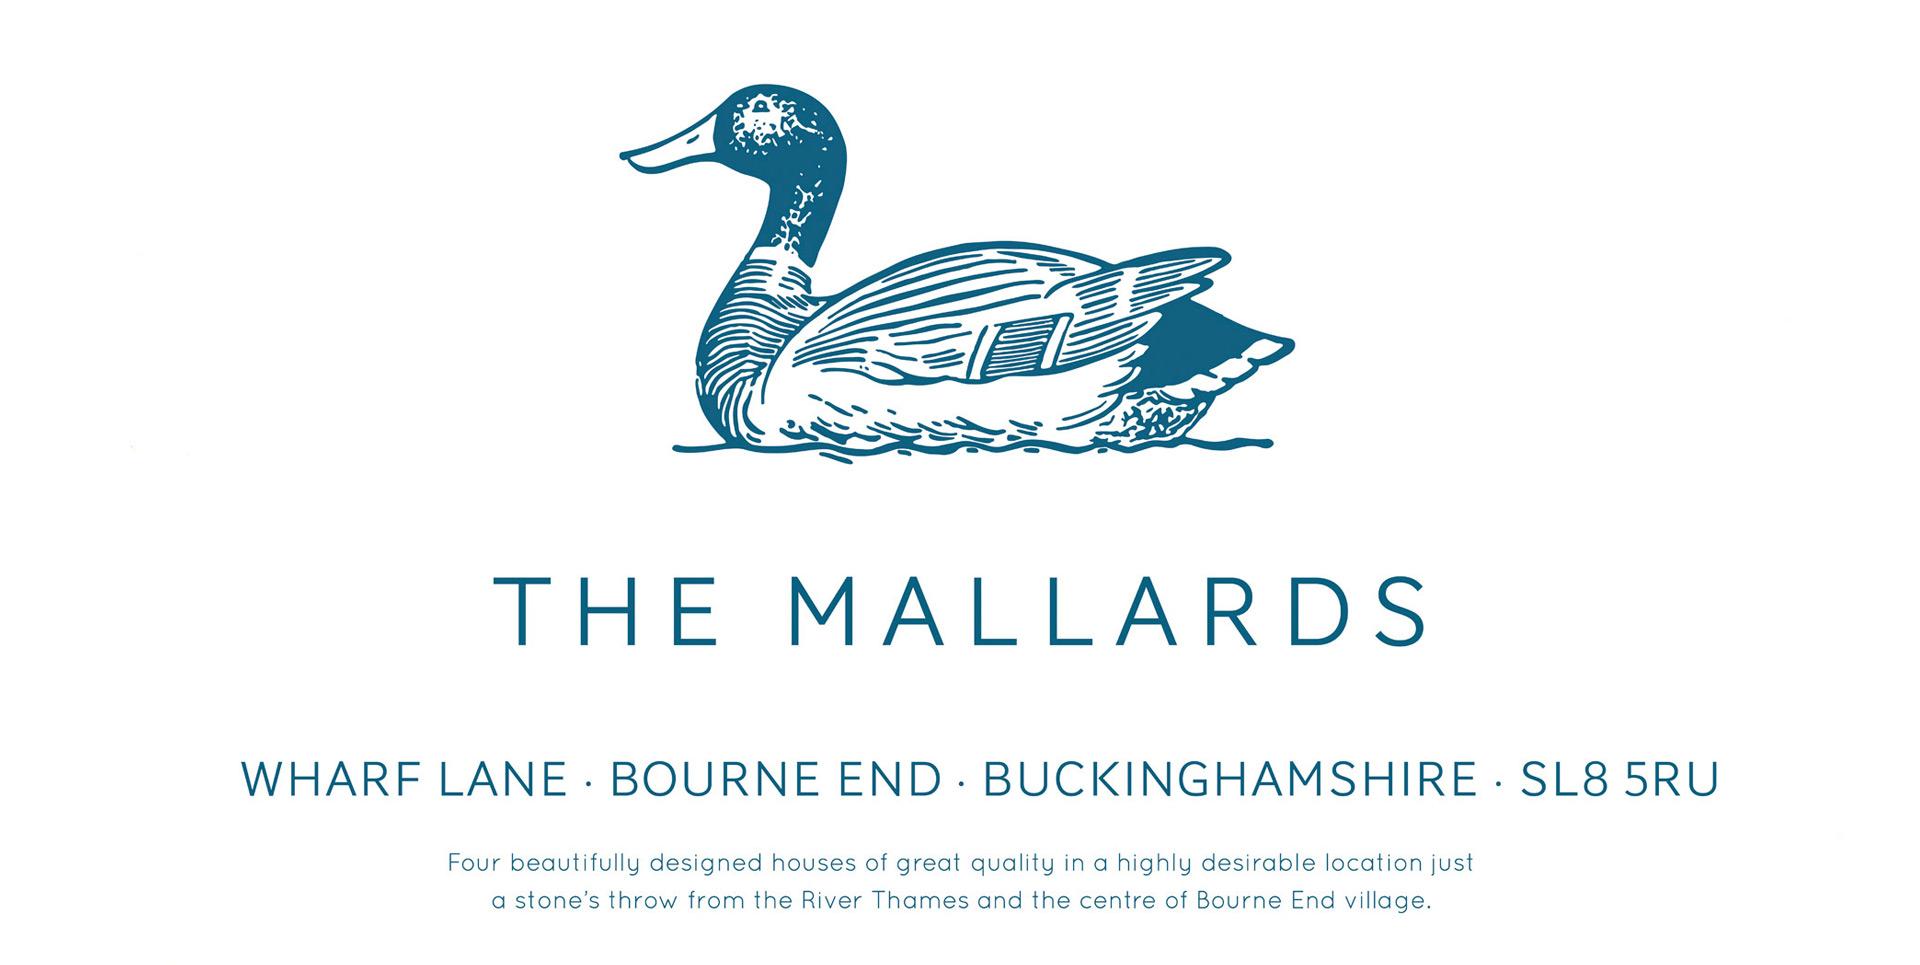 mallards-2a